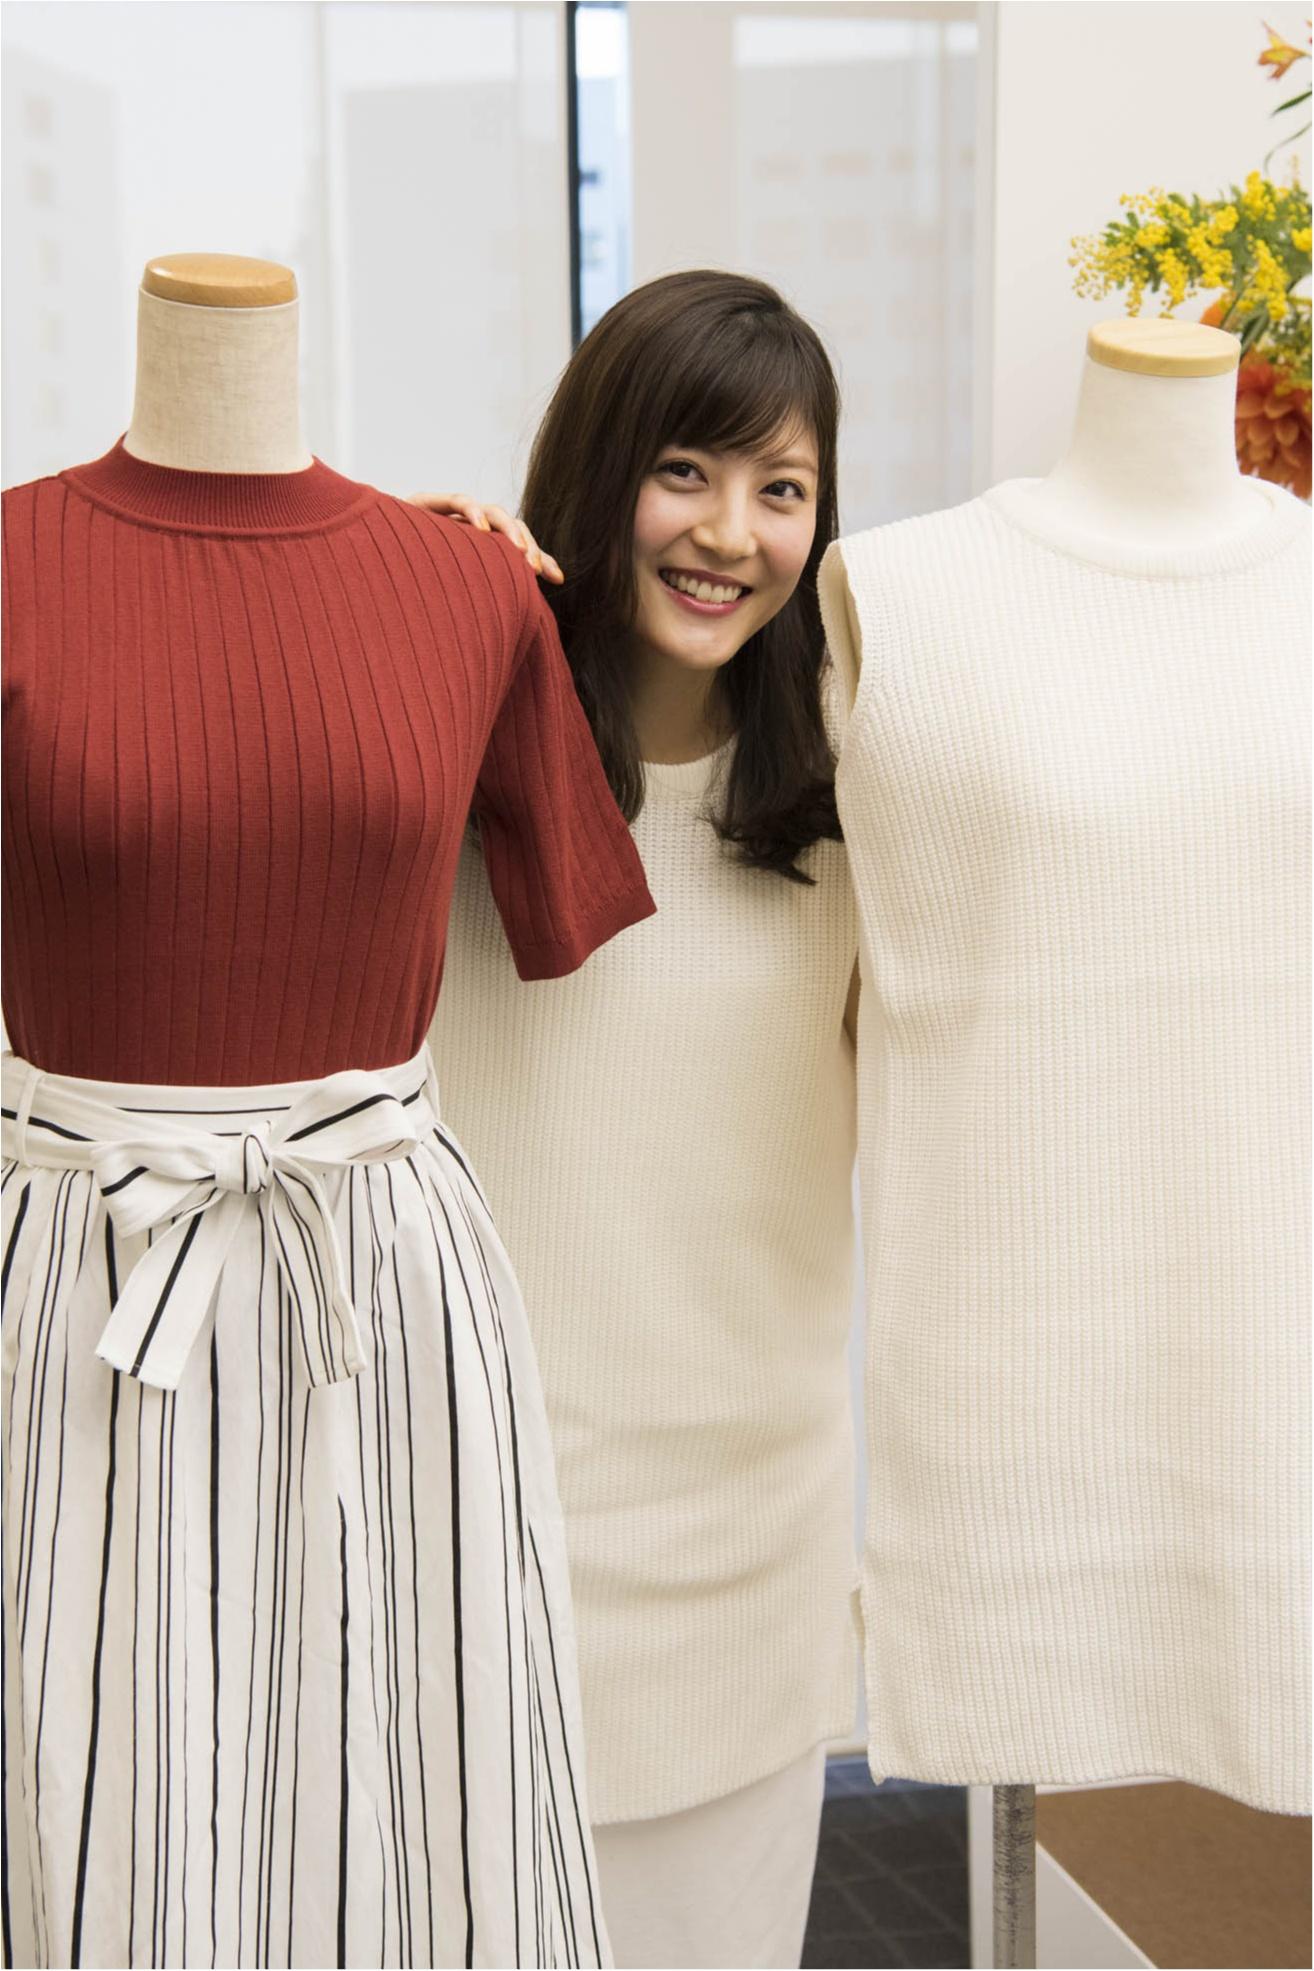 モデル佐藤ありさのこだわりがぎゅっ! 大人気ブランドの新作をイベントで発表しちゃいました☆_4